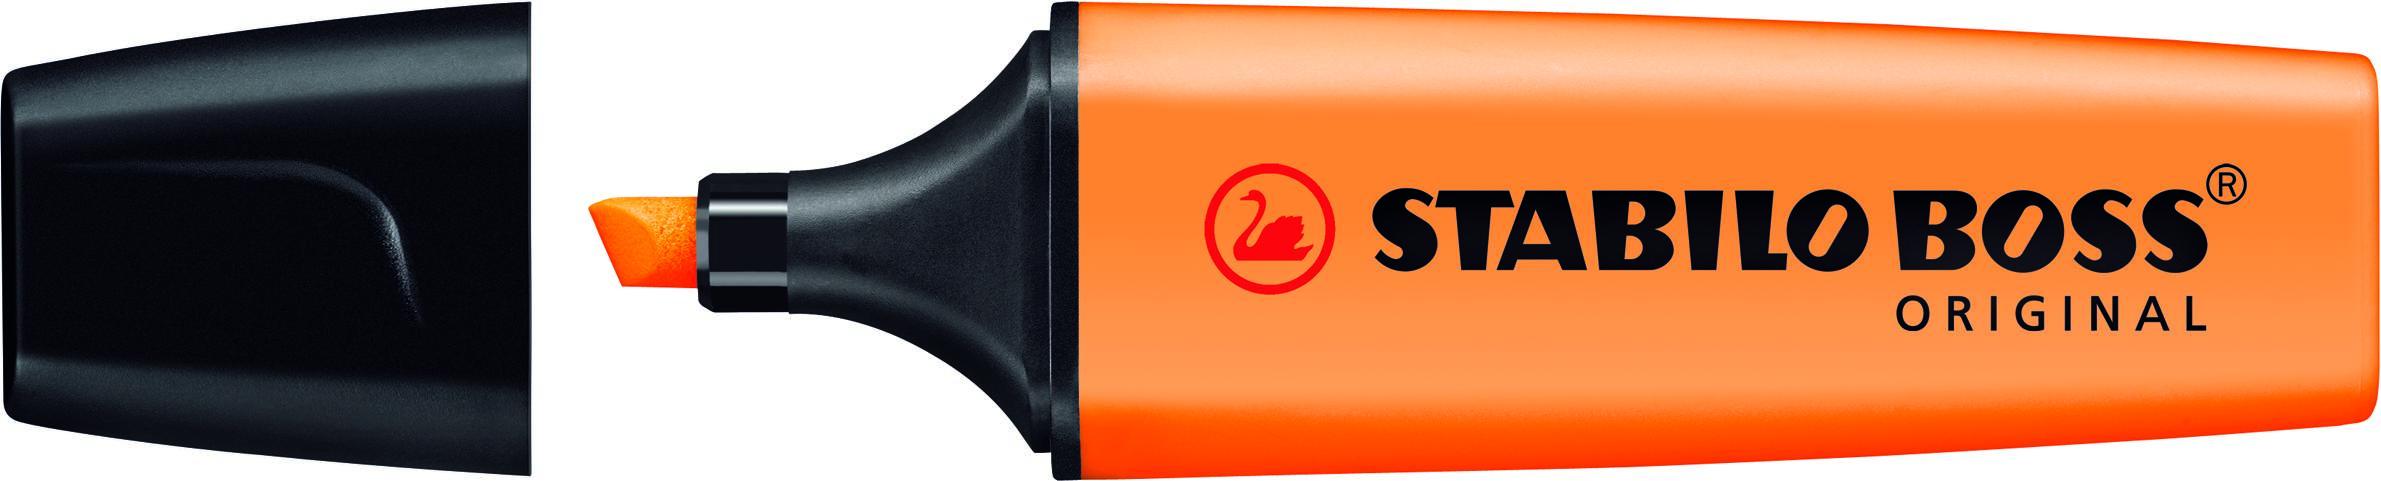 STABILO BOSS ORIGINAL - Surligneur - orange